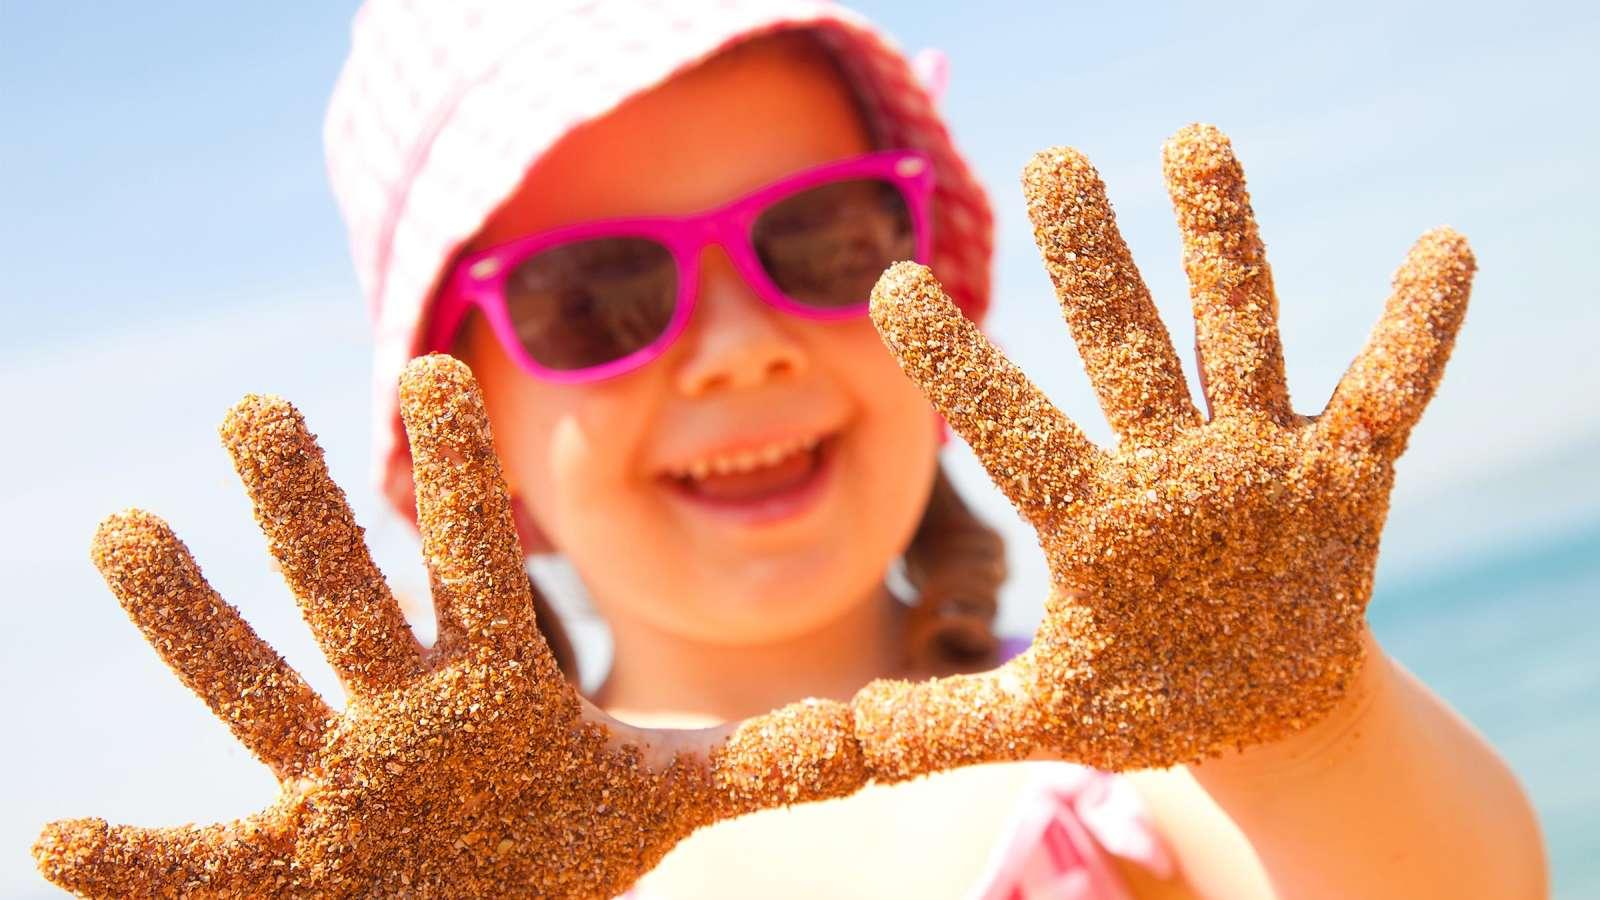 Lapsen suojaaminen auringolta - Yhteishyvä ec6d340abd